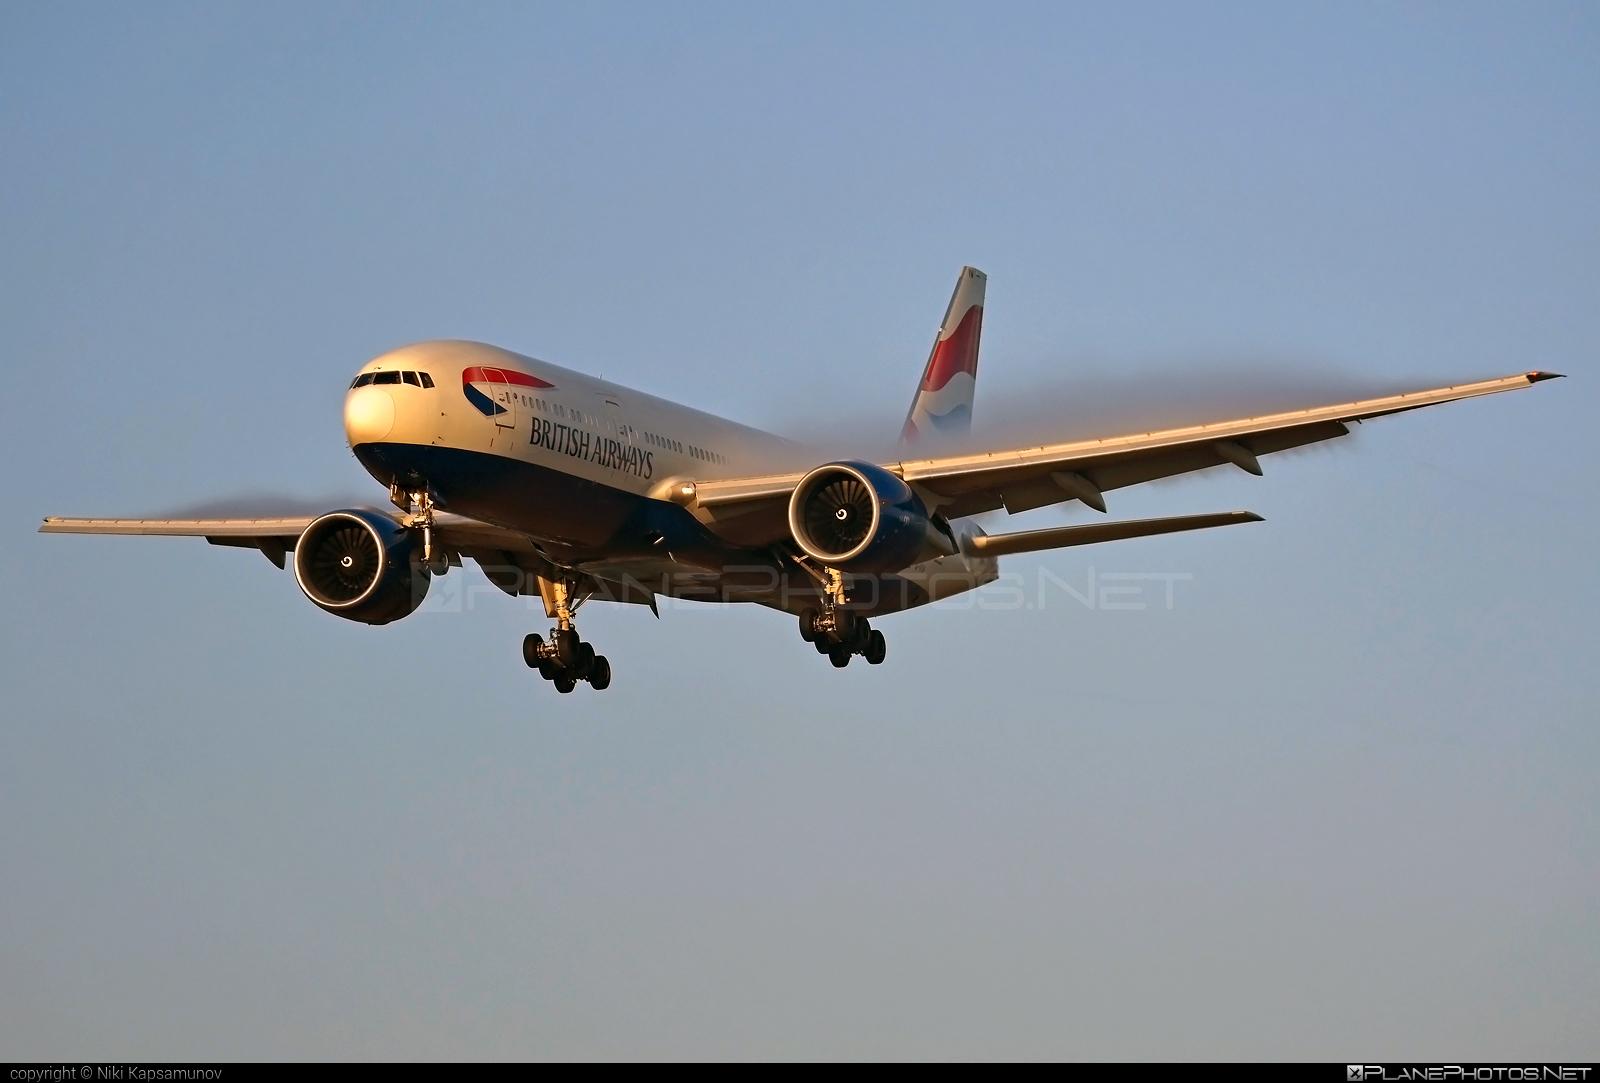 British Airways Boeing 777-200ER - G-VIIW #b777 #b777er #boeing #boeing777 #britishairways #tripleseven